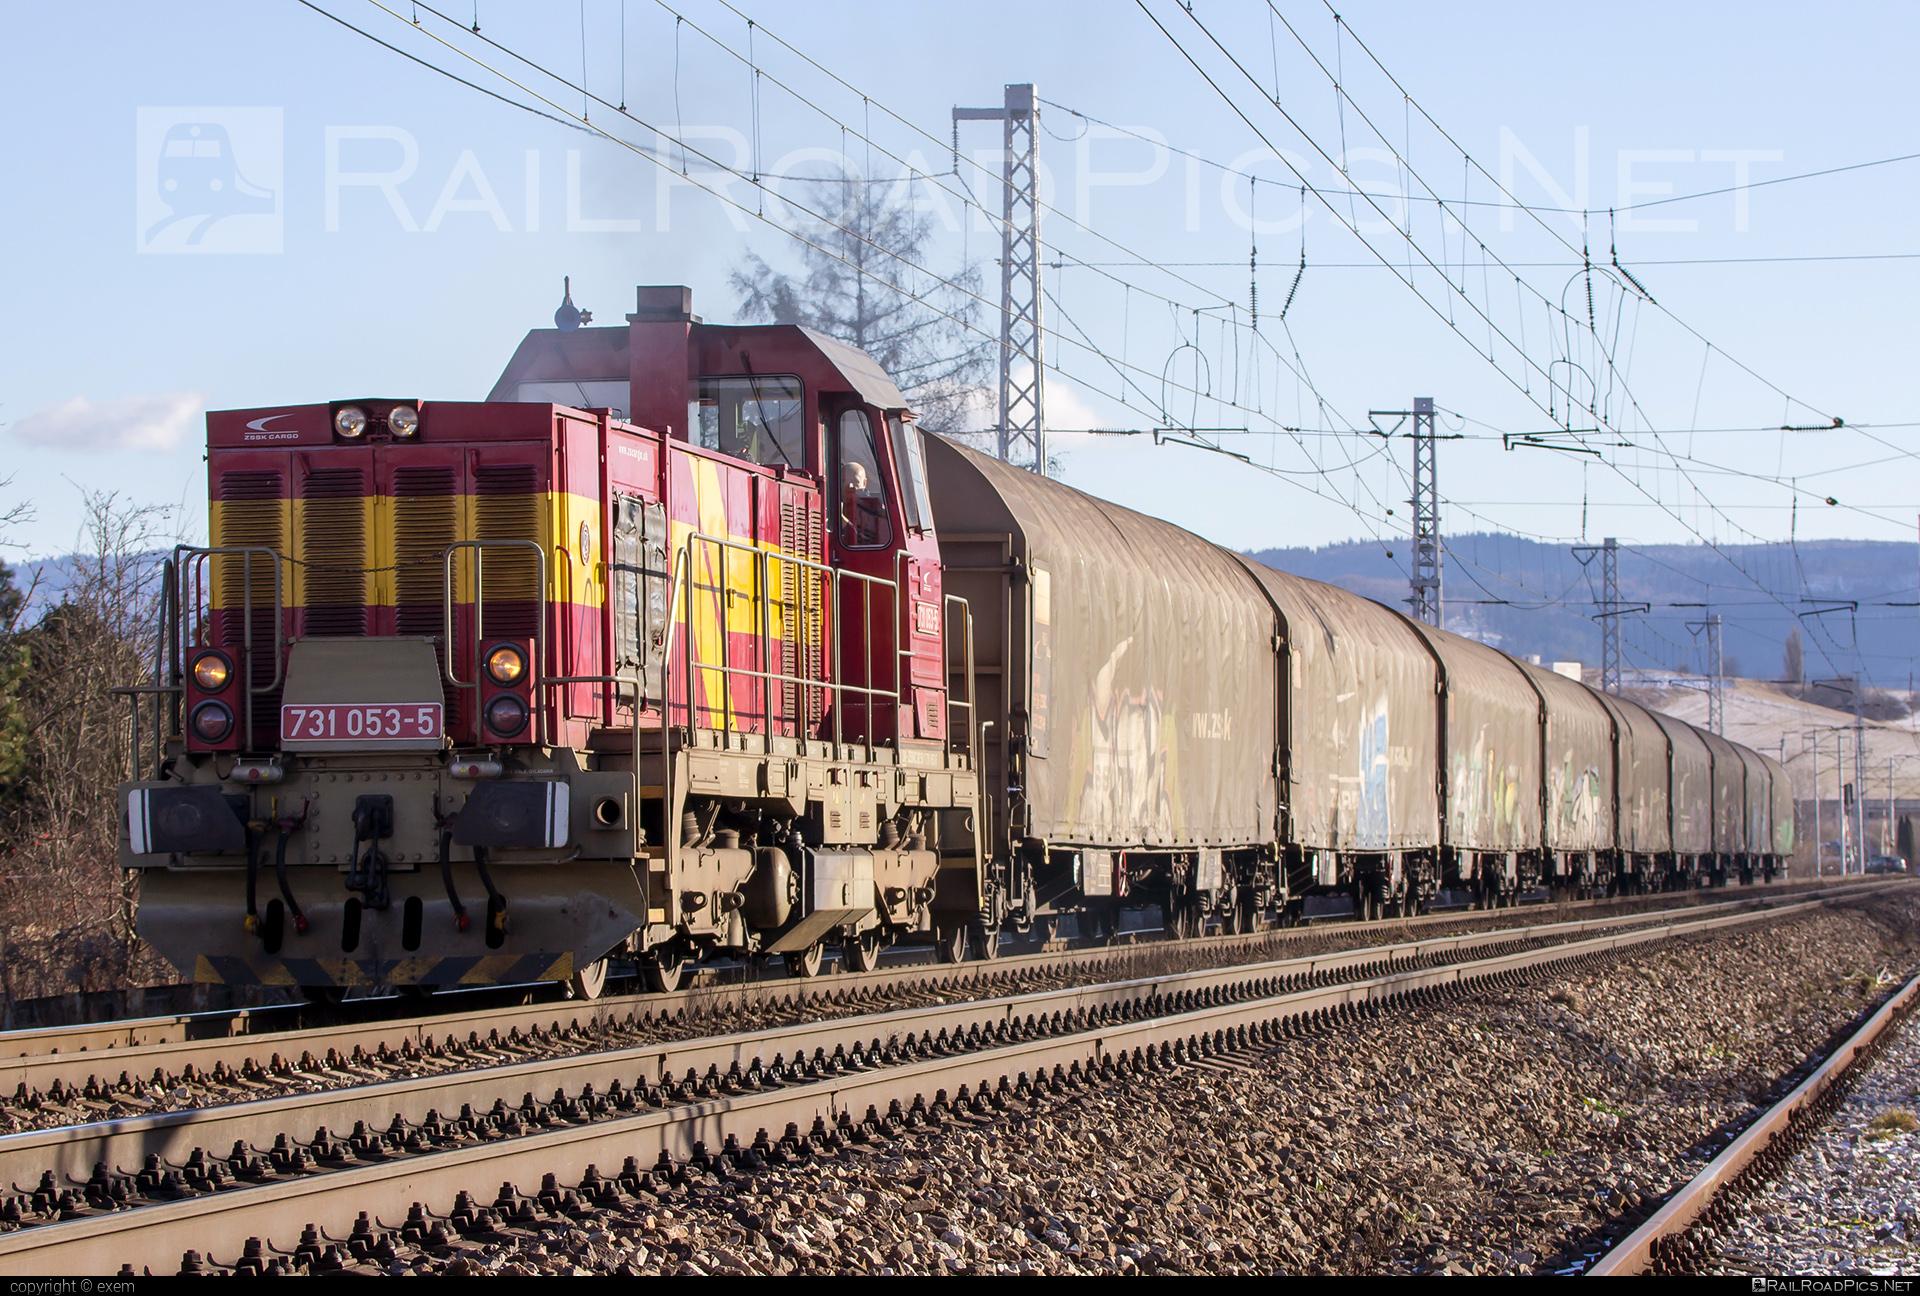 ČKD T 457.1 (731) - 731 053-5 operated by Železničná Spoločnost' Cargo Slovakia a.s. #ZeleznicnaSpolocnostCargoSlovakia #ckd #ckd4571 #ckd731 #ckdt4571 #zsskcargo